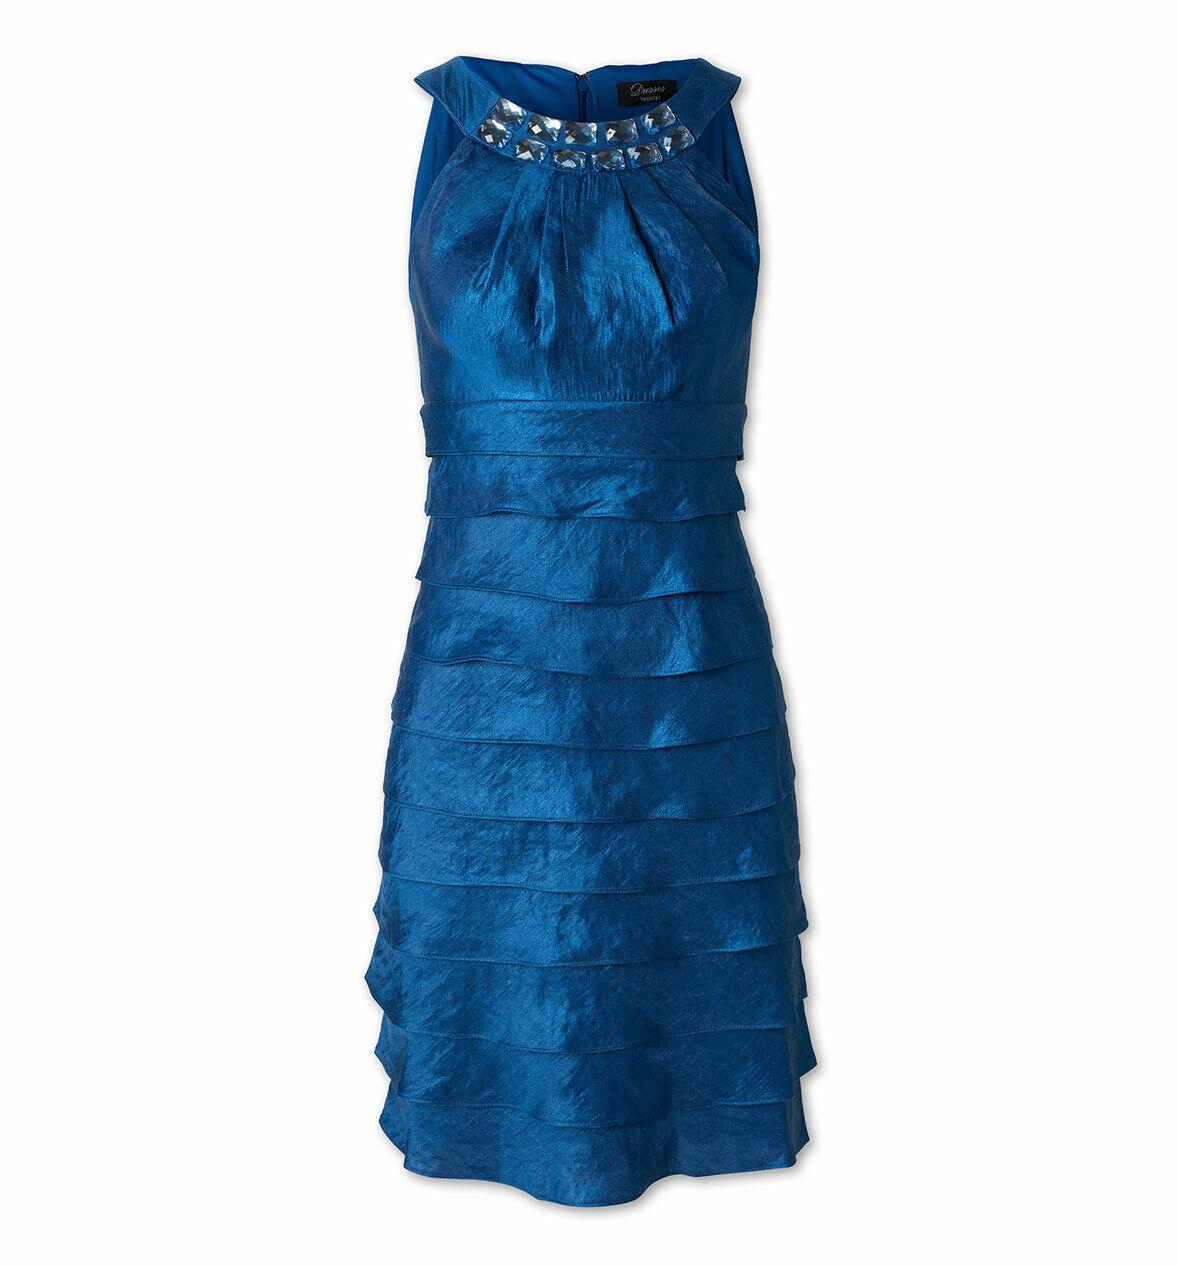 Neu Langes Abendkleid Traum-Kleid Hochzeit Kleid Gr.44 royalblau NEU